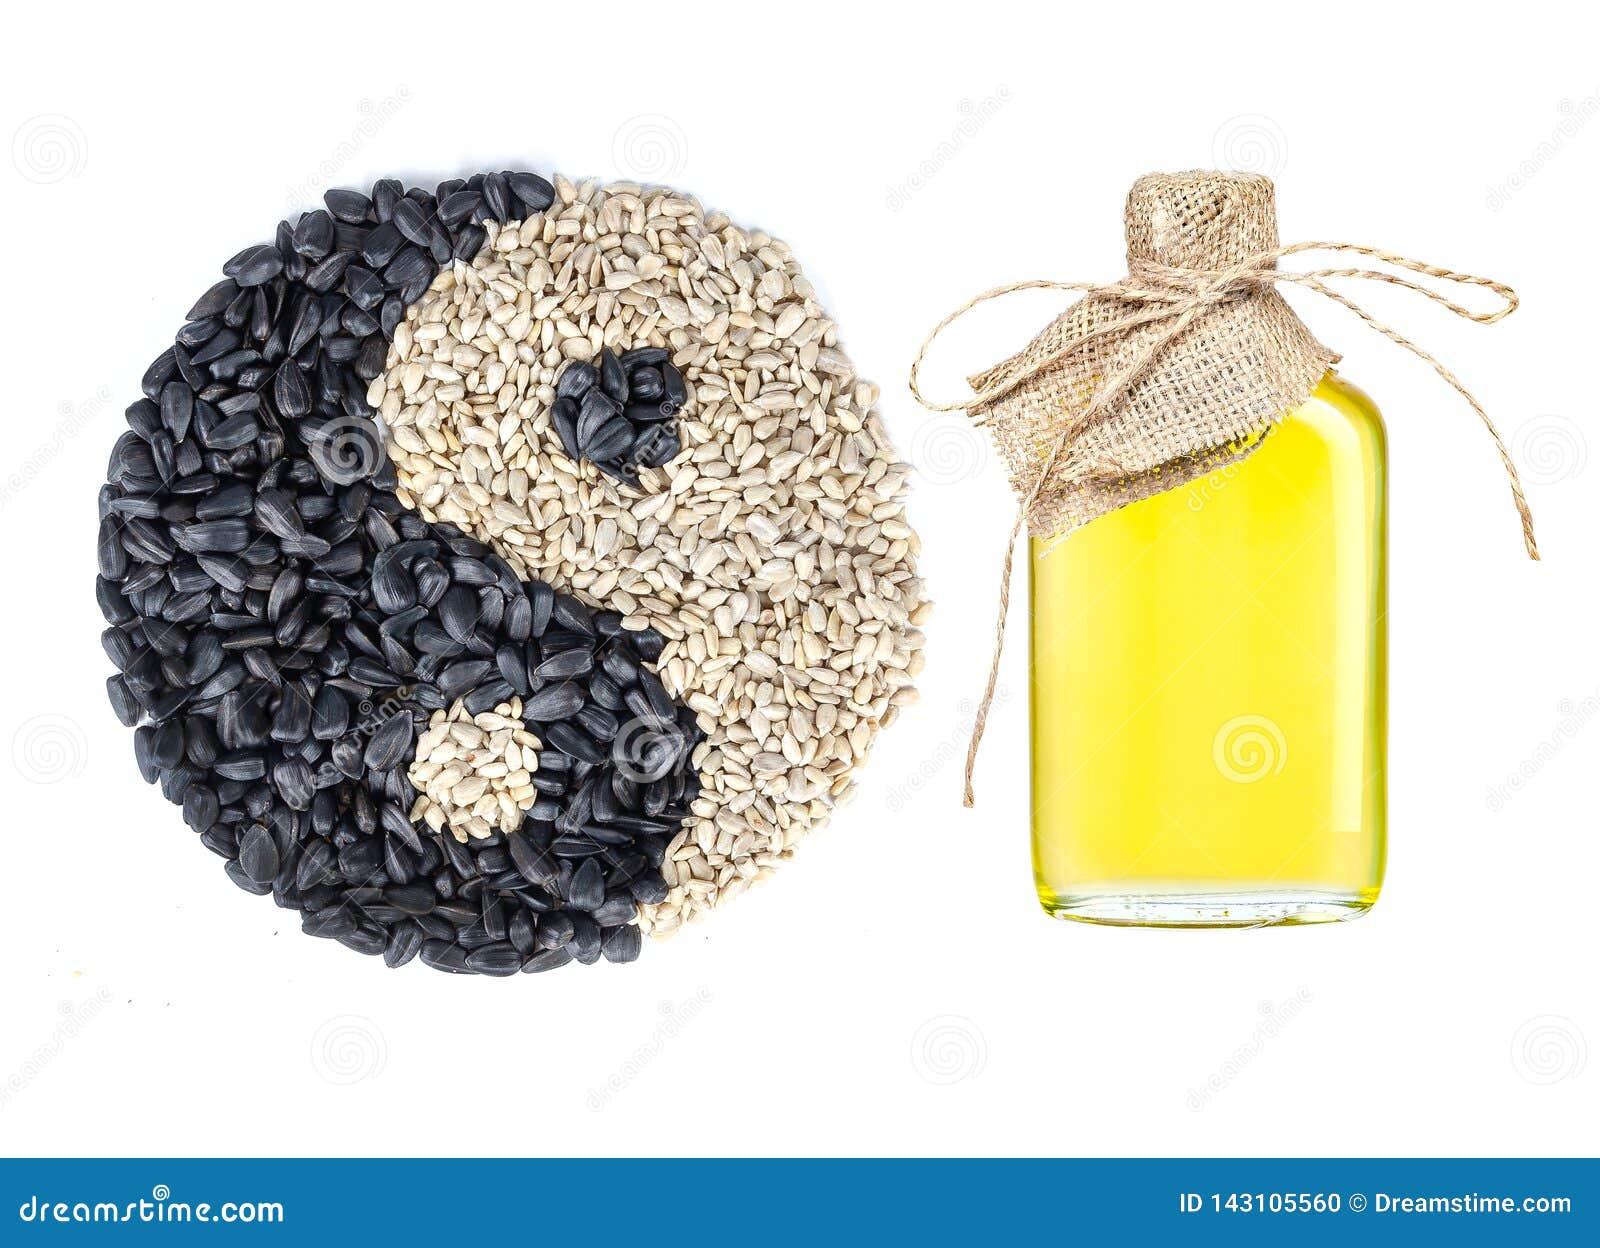 Подсолнечное масло в произведенной стеклянной бутылке и yin и символе yang сделанном из семян на белом backgound